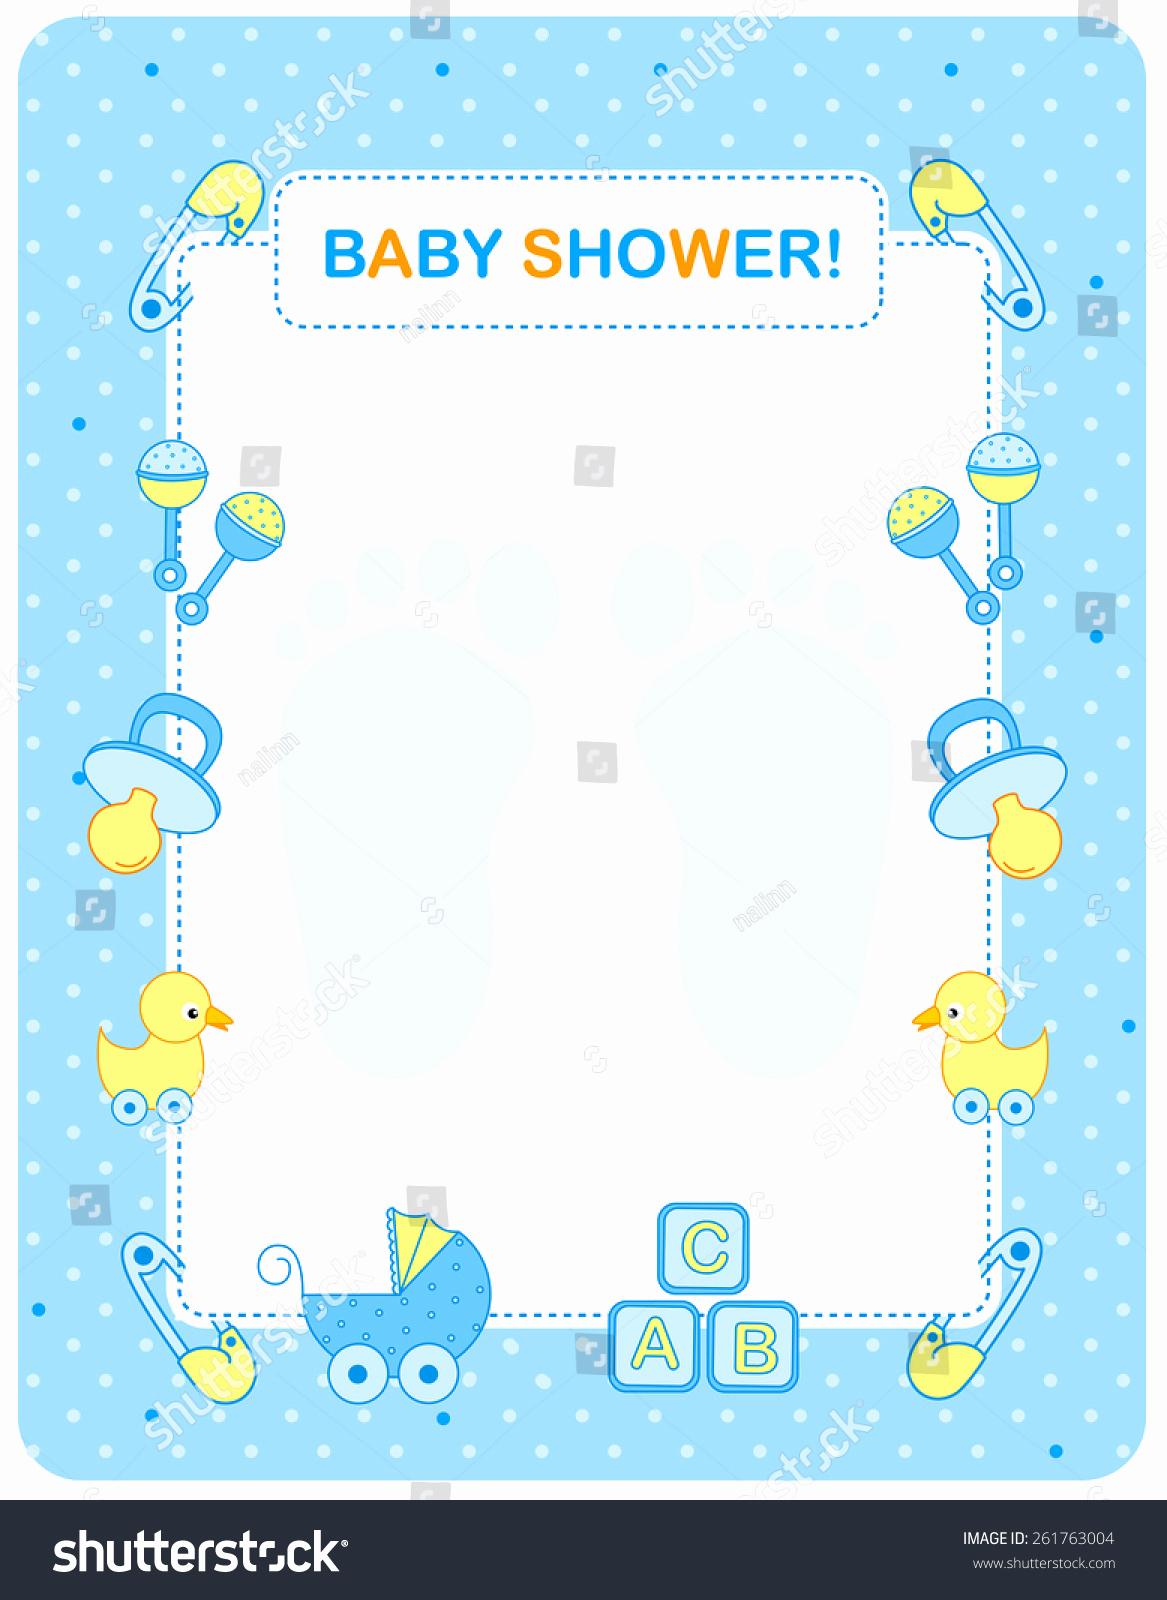 Baby Shower Invitation Border Elegant Illustration Baby Shower Invitation Card Border Stock